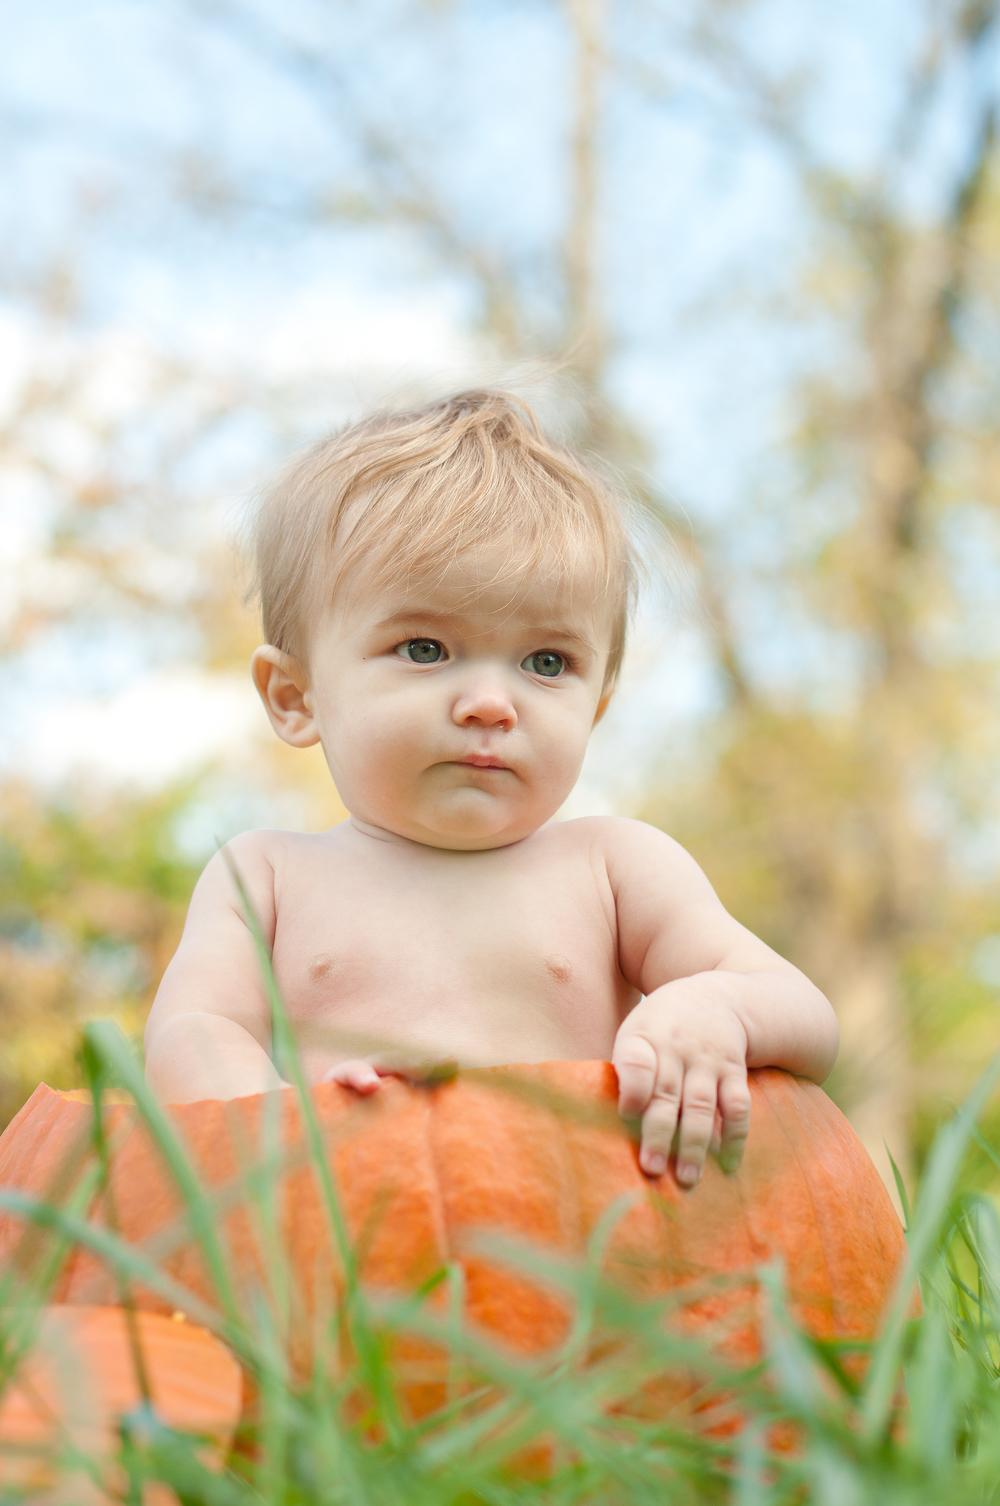 Such a cute little pumpkin